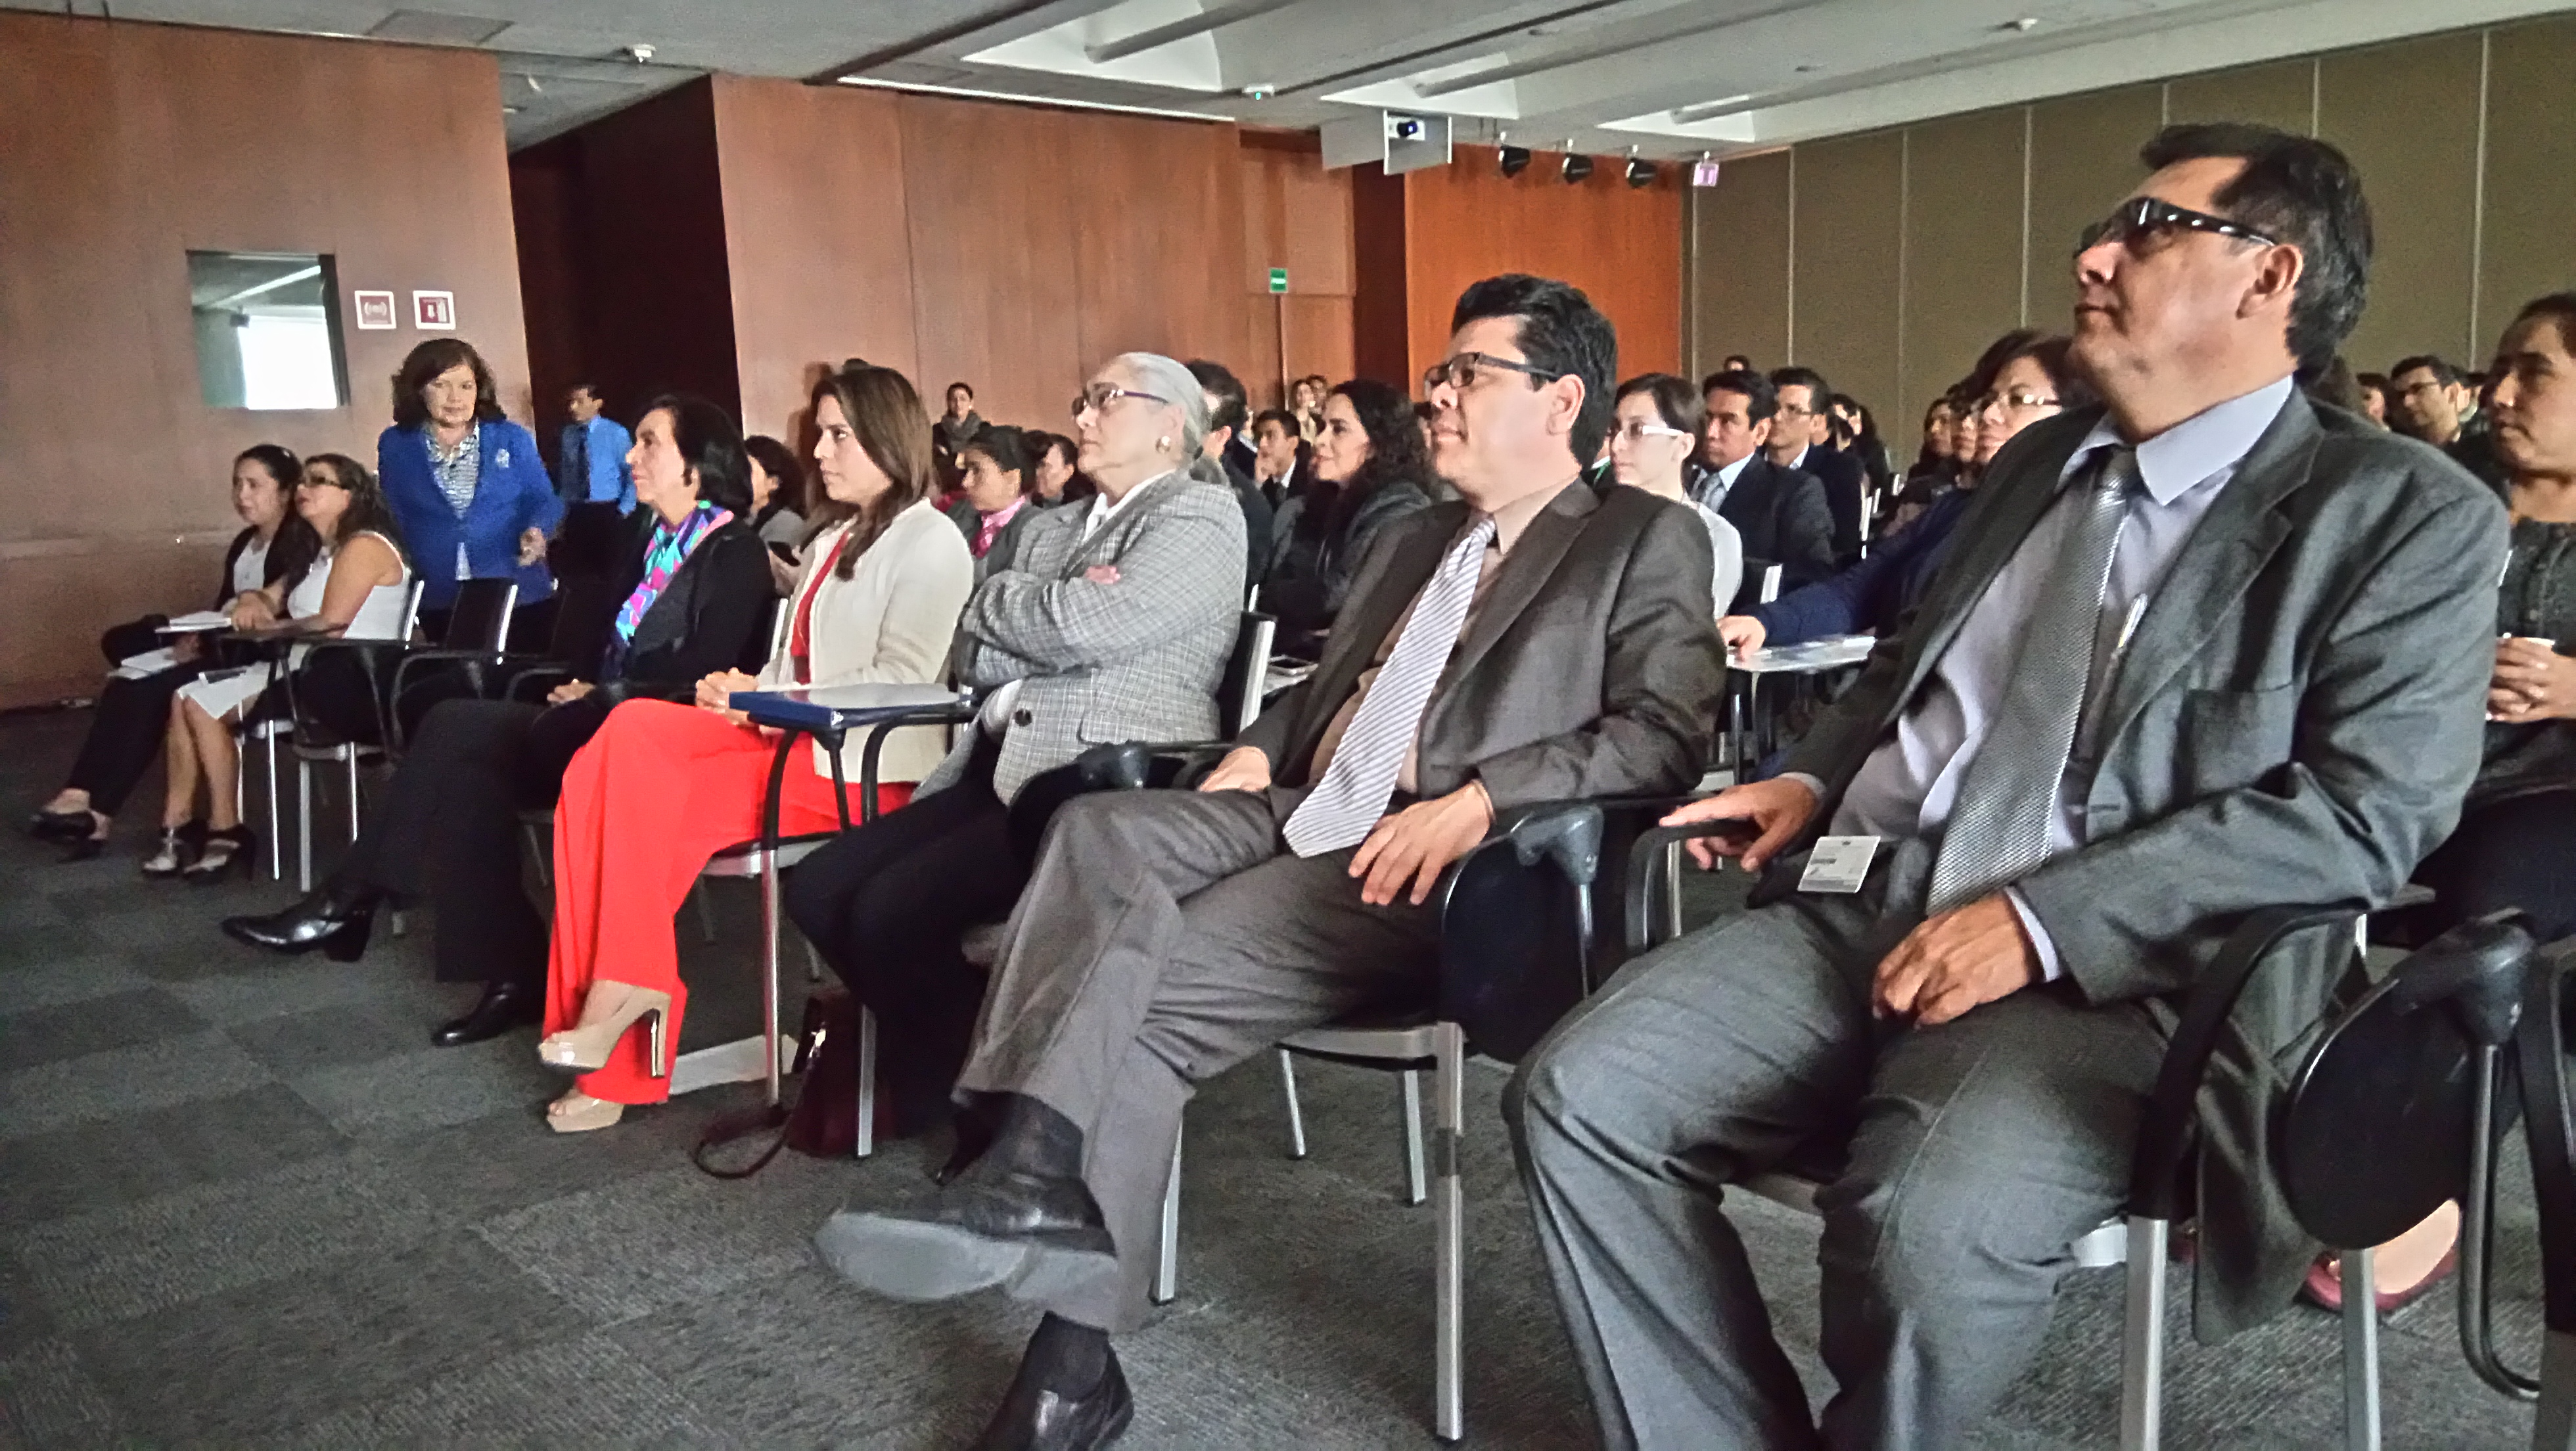 Presentaci N Ll Vate Mis Amores En Sre Instituto De Los Mexicanos En El Exterior Gobierno